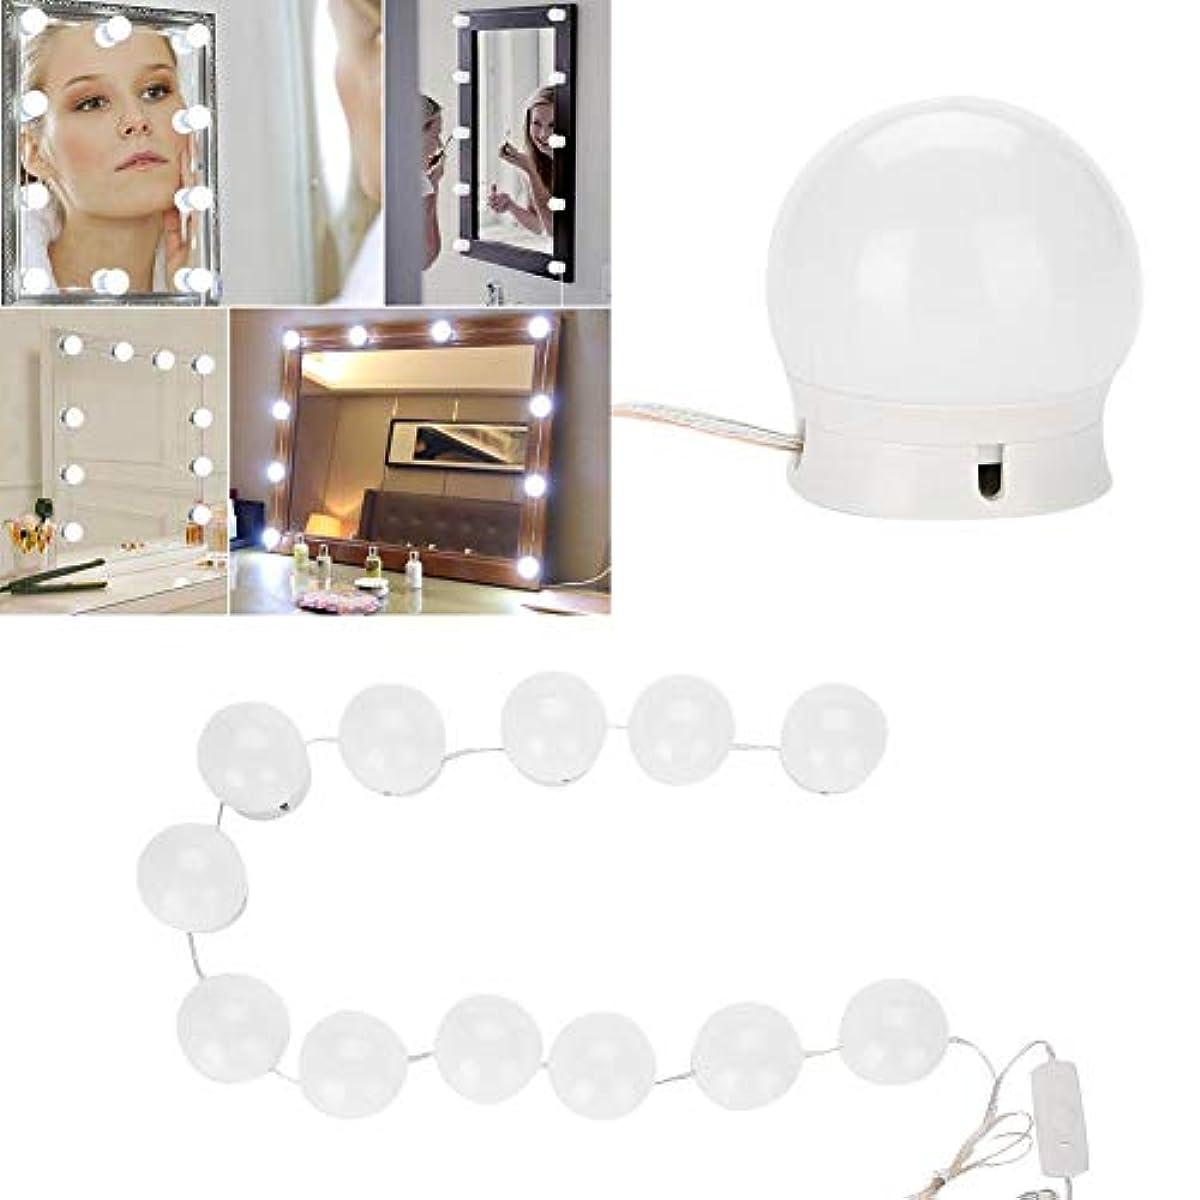 合成血まみれむしろSemme LEDの虚栄心ミラーライトキット、化粧鏡のためのハリウッドの化粧鏡ライトストリップ調光対応電球ドレッシング、化粧品、浴室のためのDIY装飾照明設備ストリップ(鏡はIncではありません)